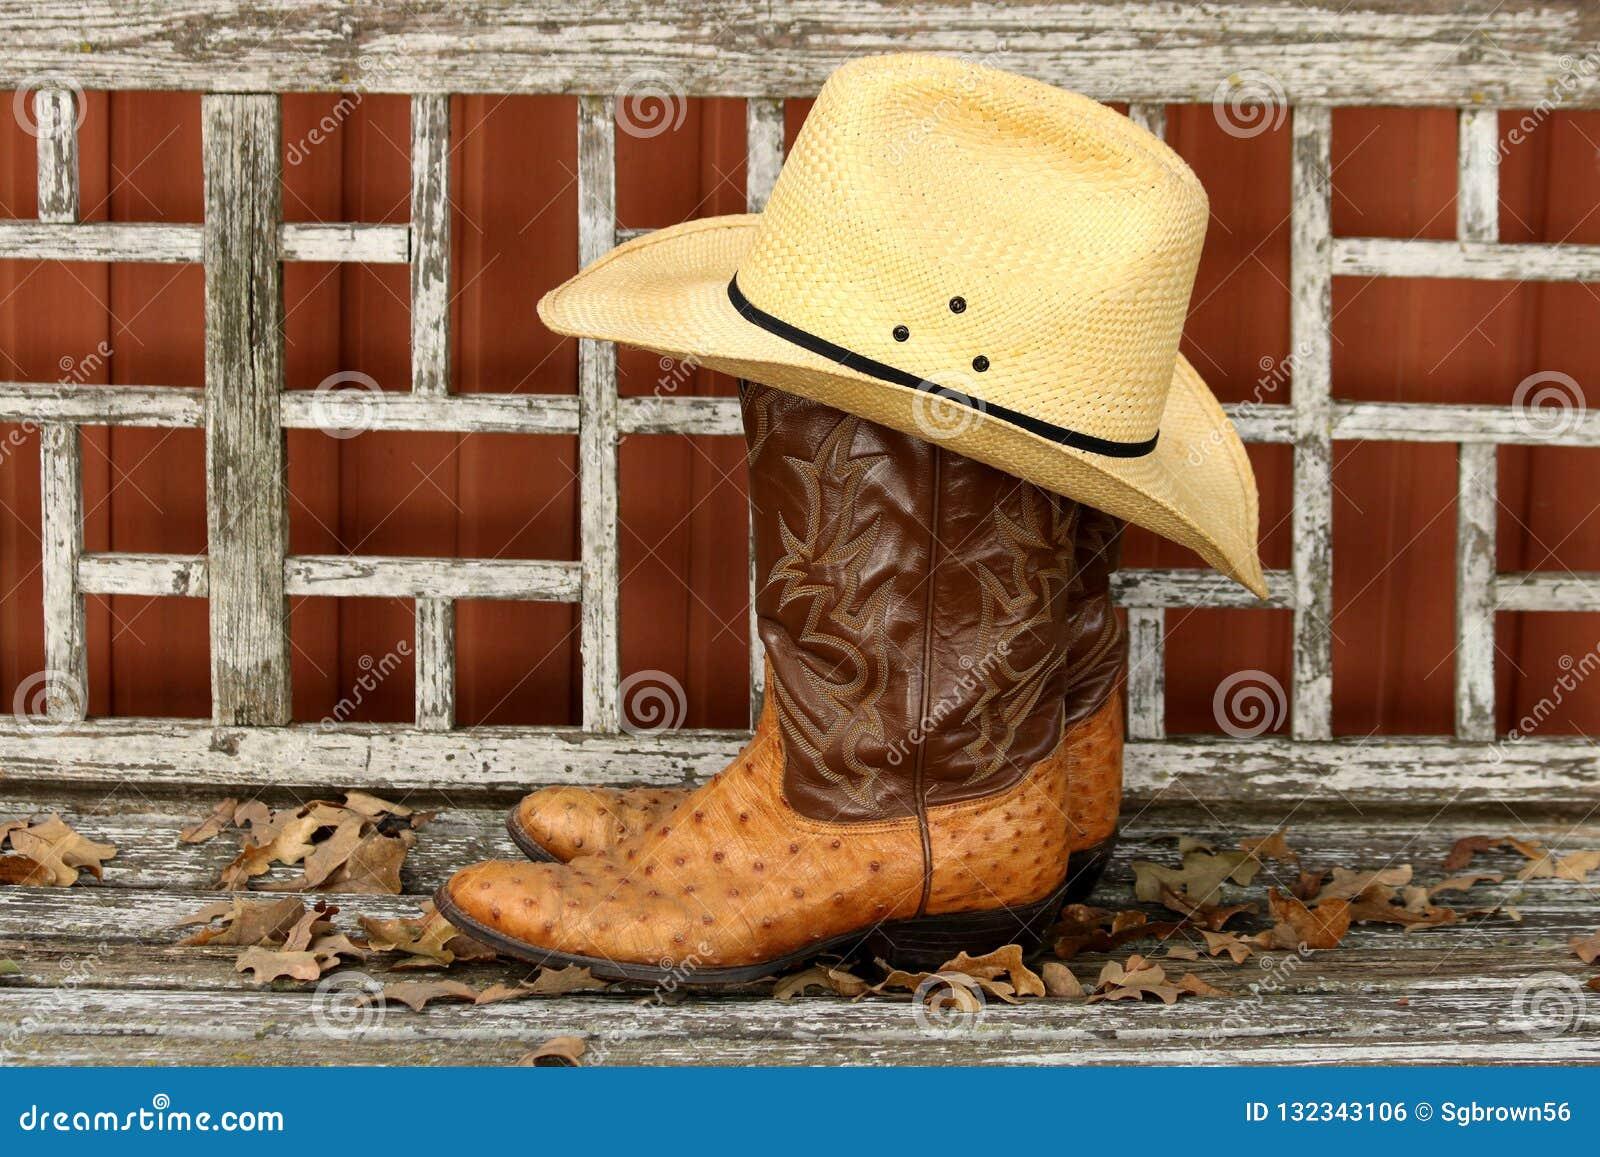 Vaquero Boots Y Sombrero En Banco De Madera Foto de archivo - Imagen ... 420270b4caa9